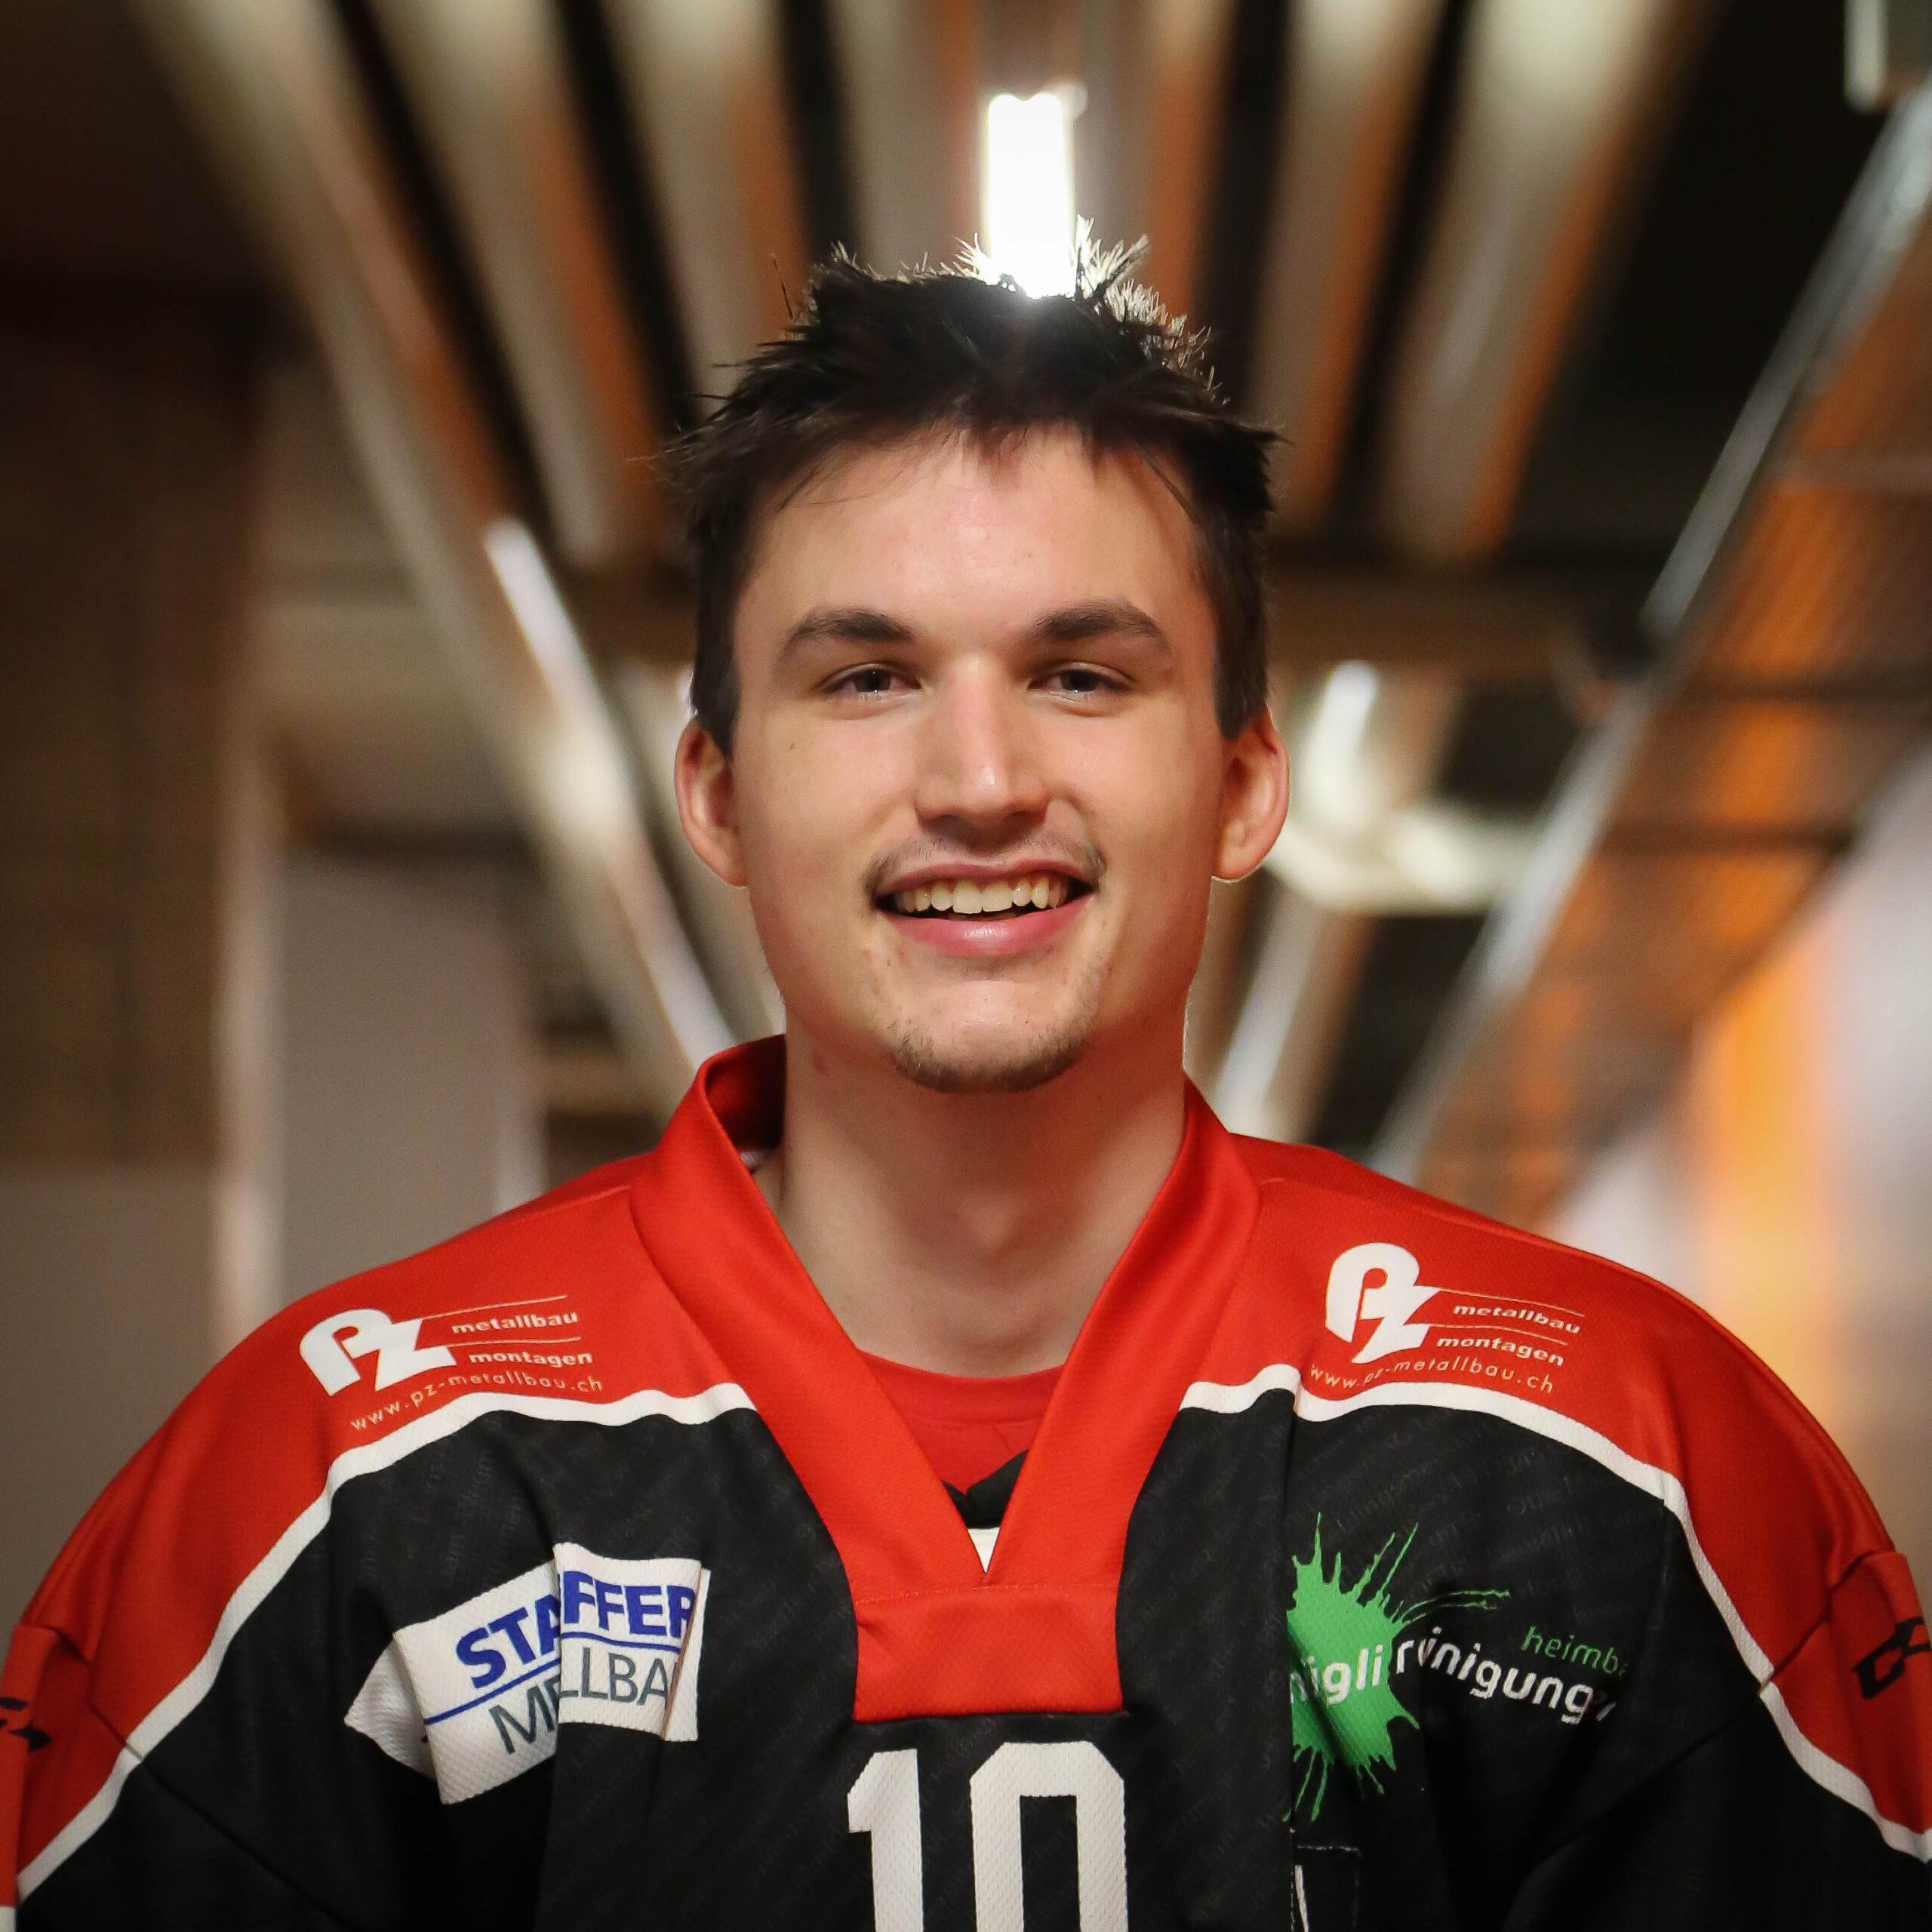 Tim Niederhauser